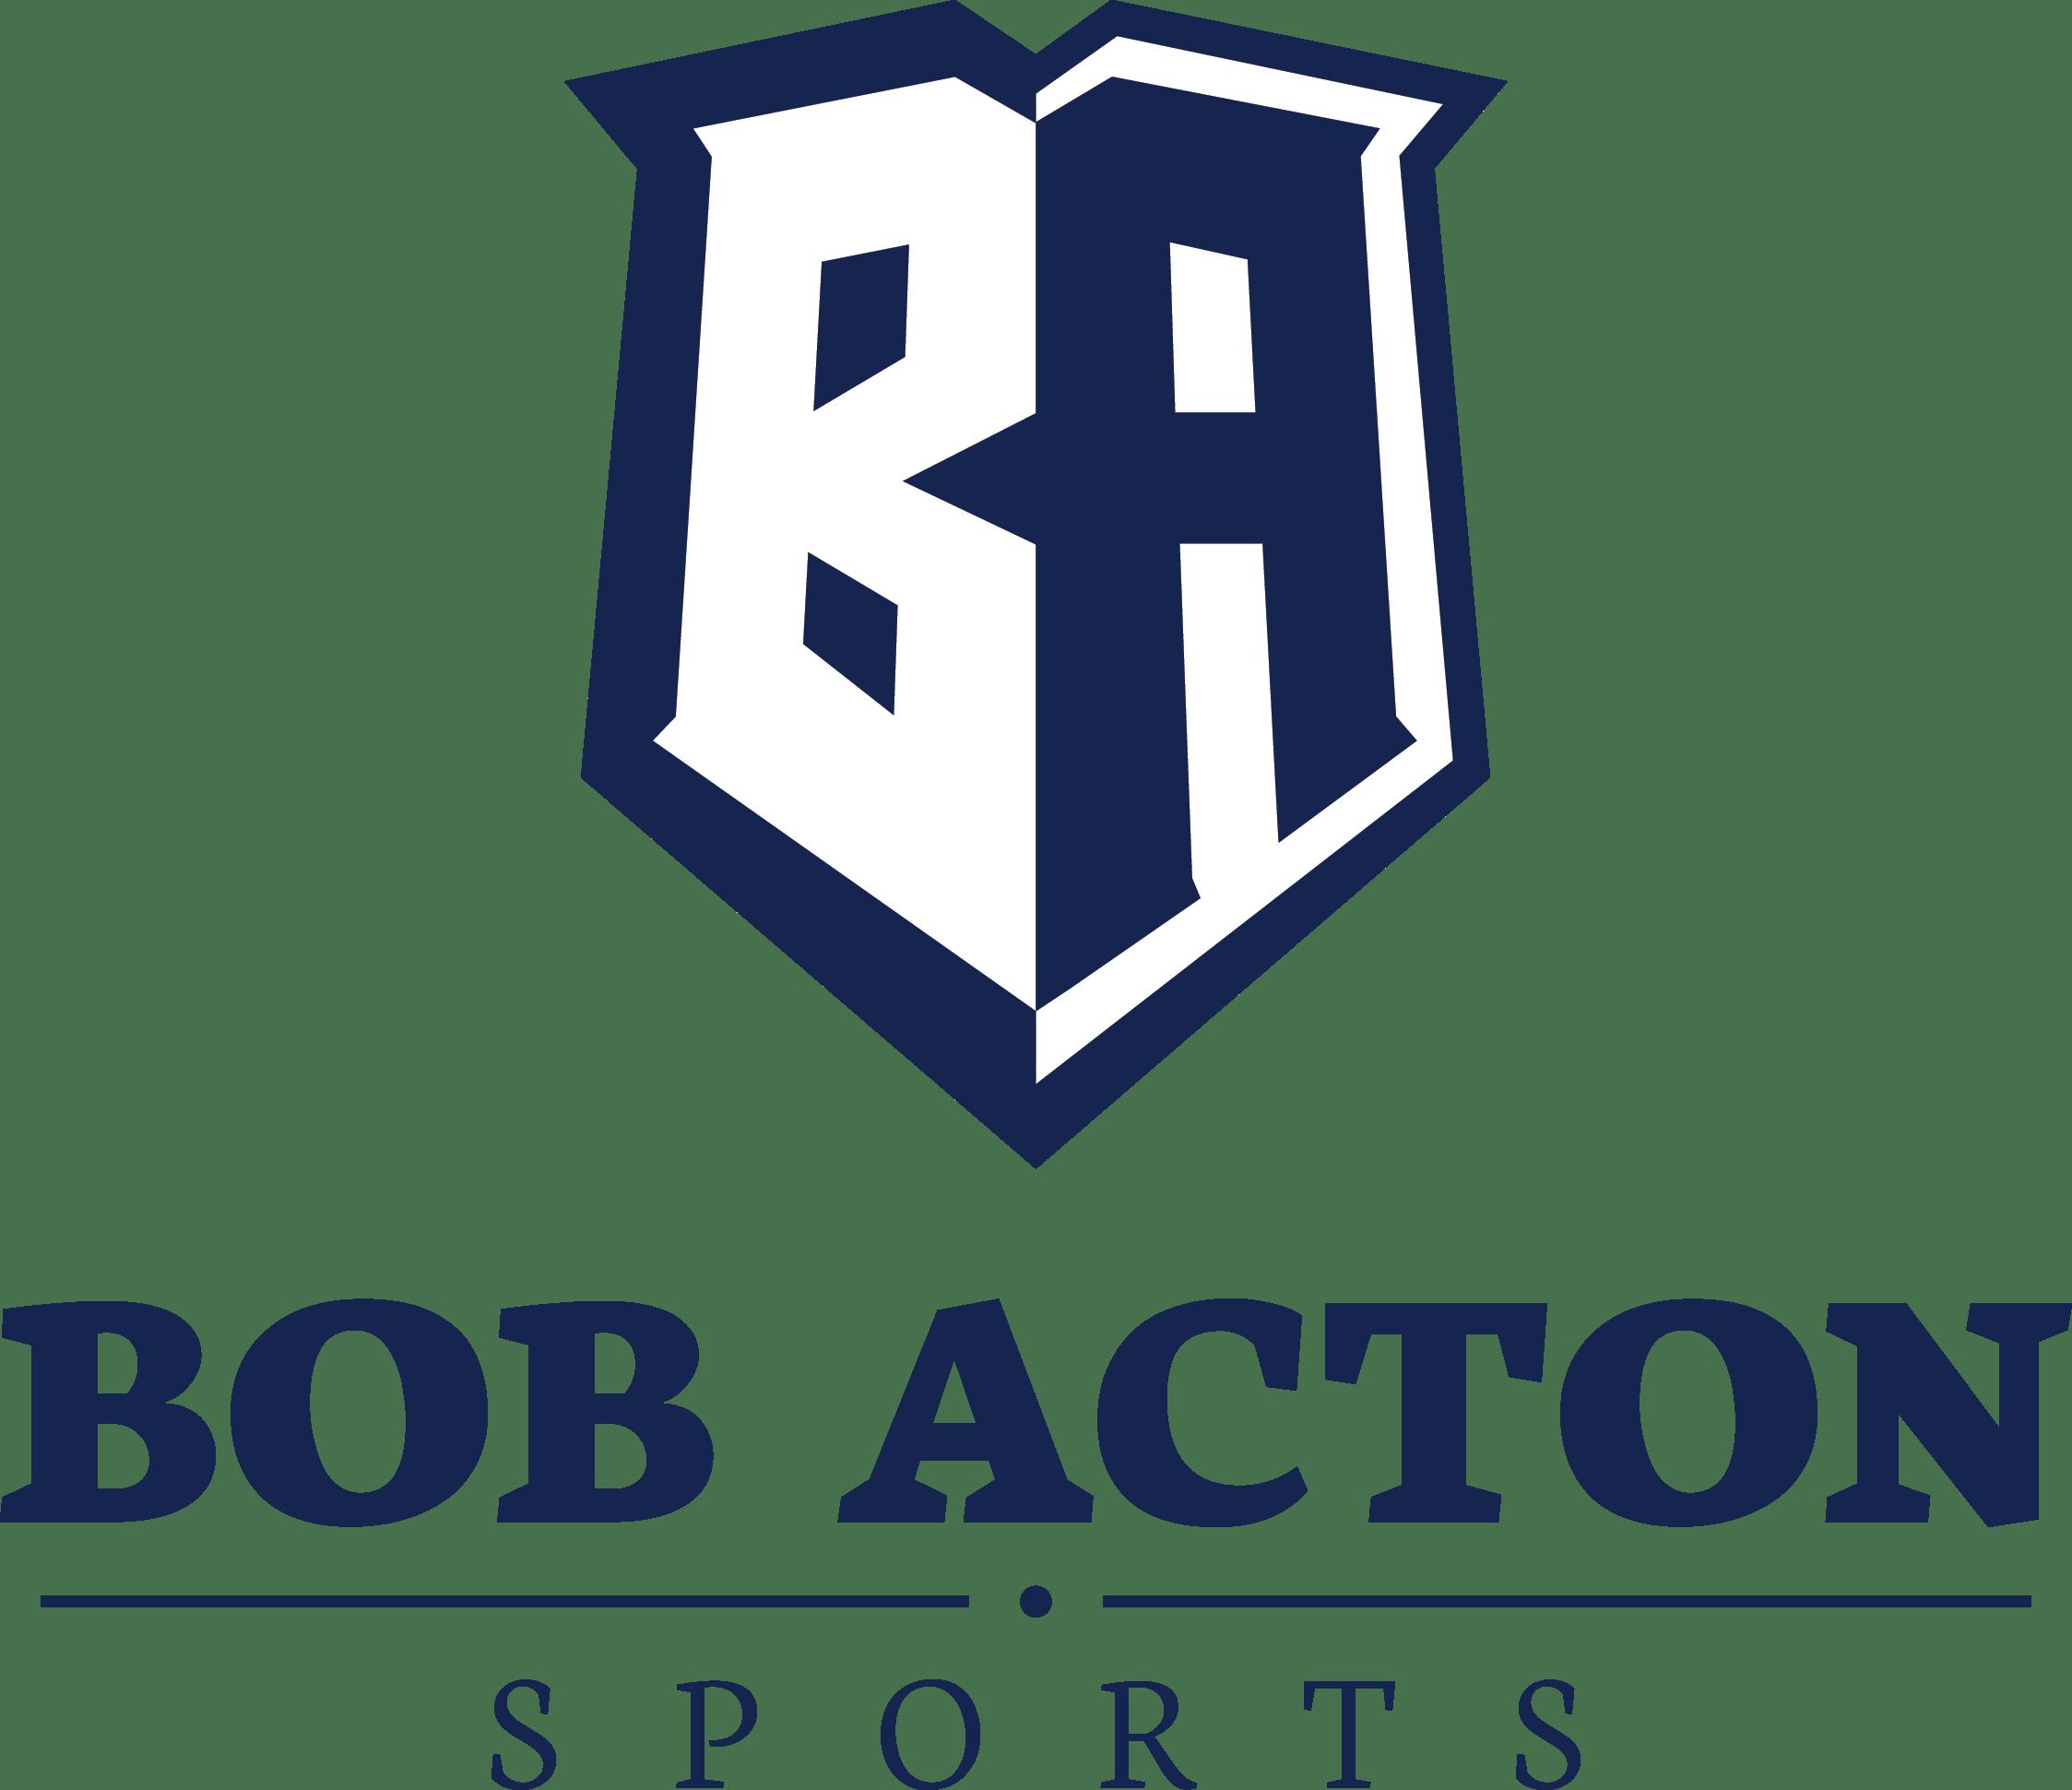 Bob Acton Sports